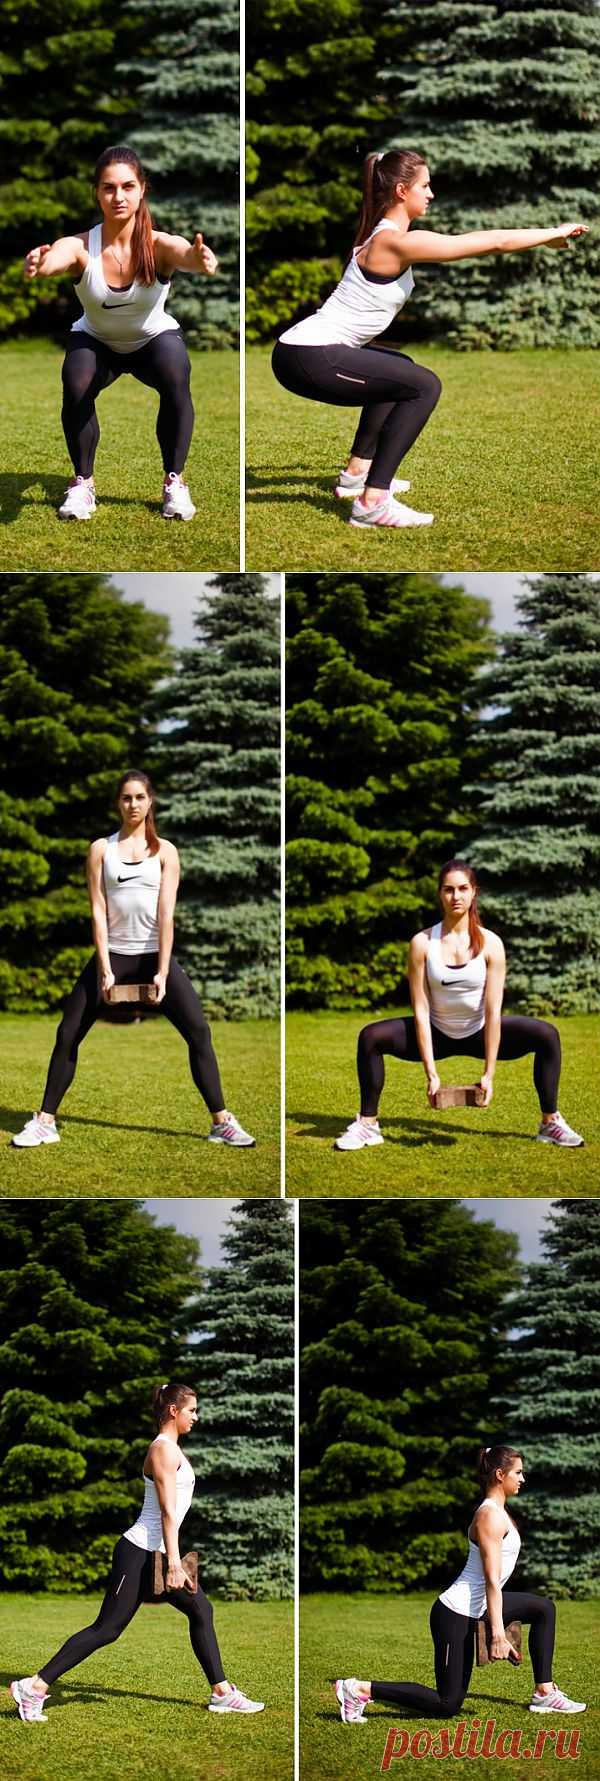 (+1) - Фитнес-инструкция: упражнение для ягодиц | БУДЬ В ФОРМЕ!